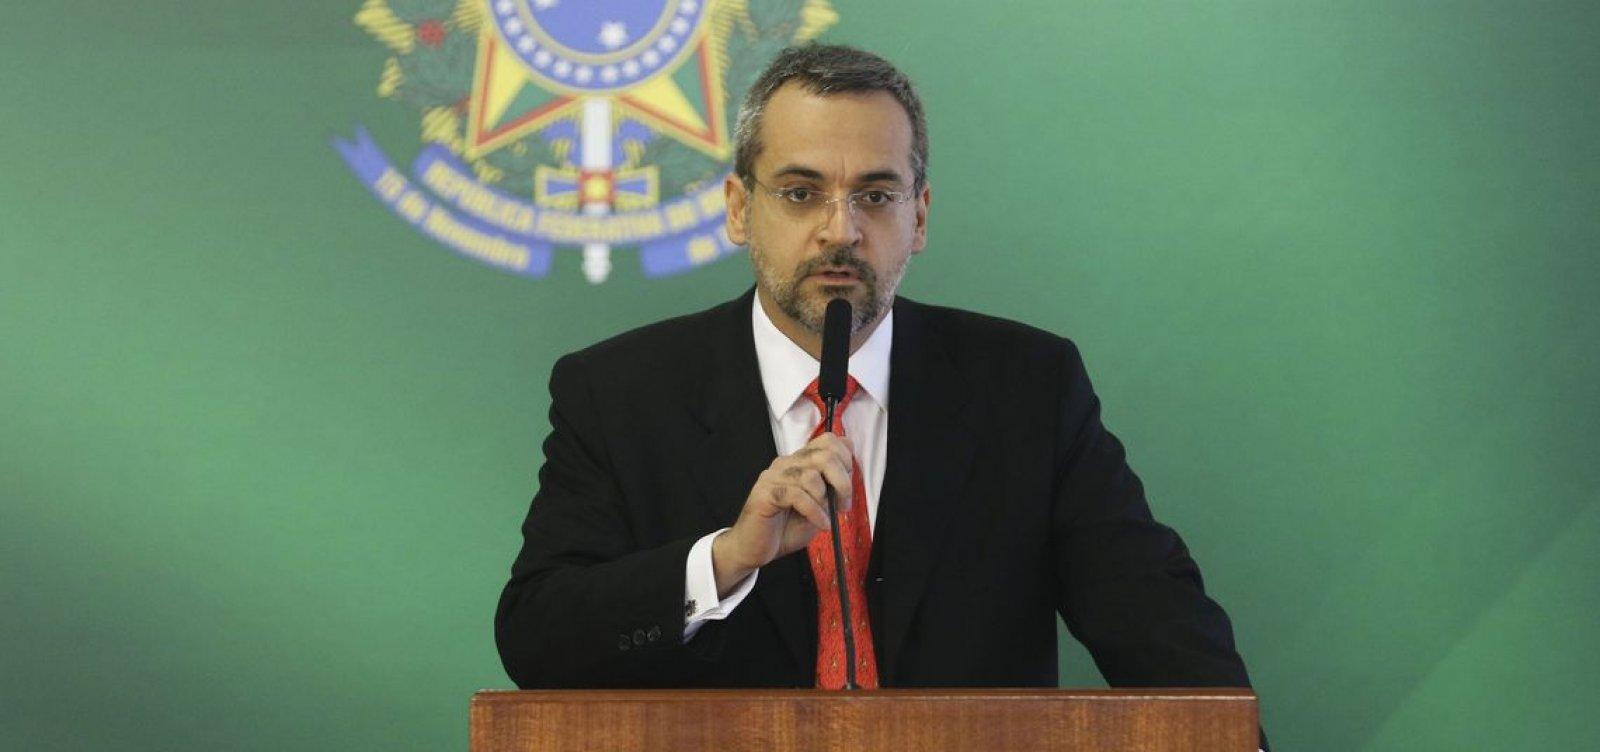 Ministro da Educação diz que filmar professores em aula é direito dos alunos